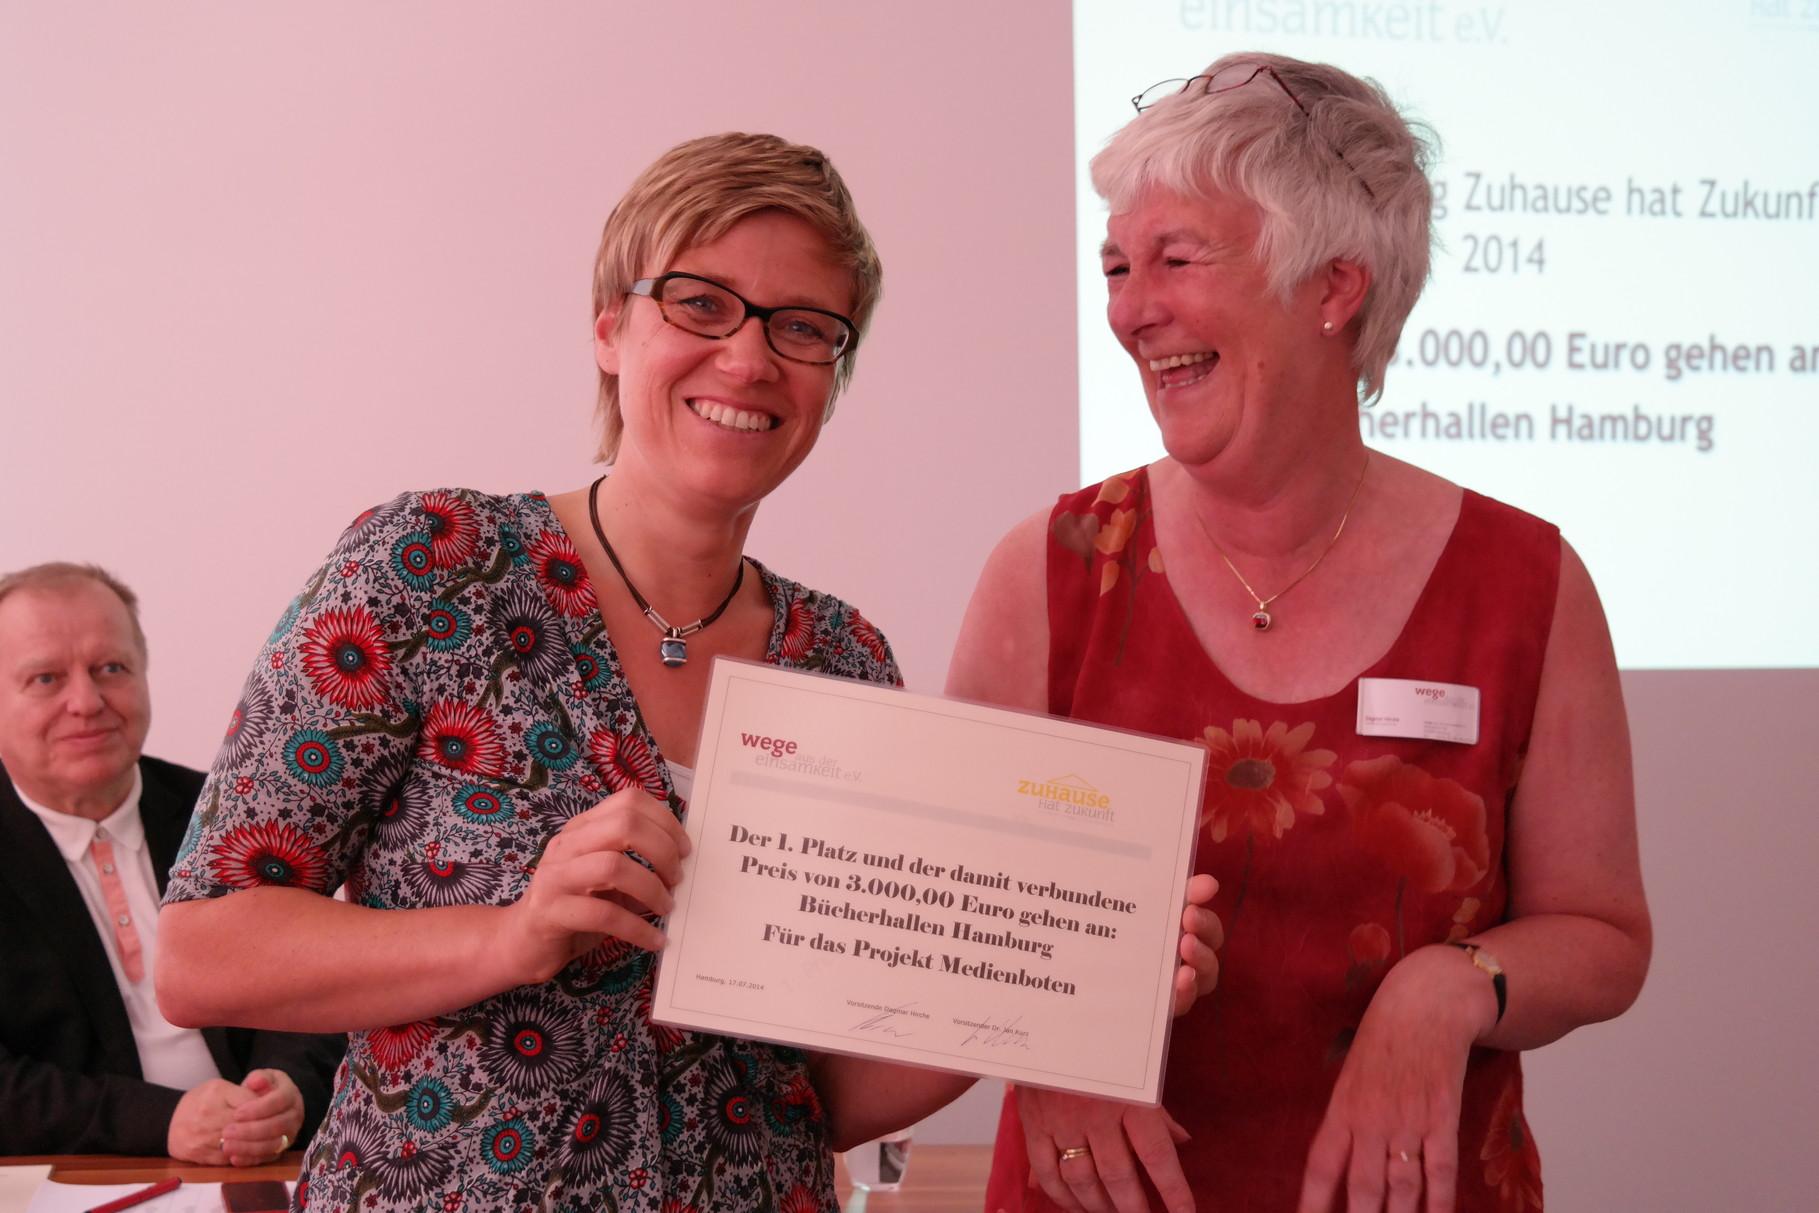 Christine Rißmann Bücherhallen Hamburg und Dagmar Hirche von Wade 1.Platz